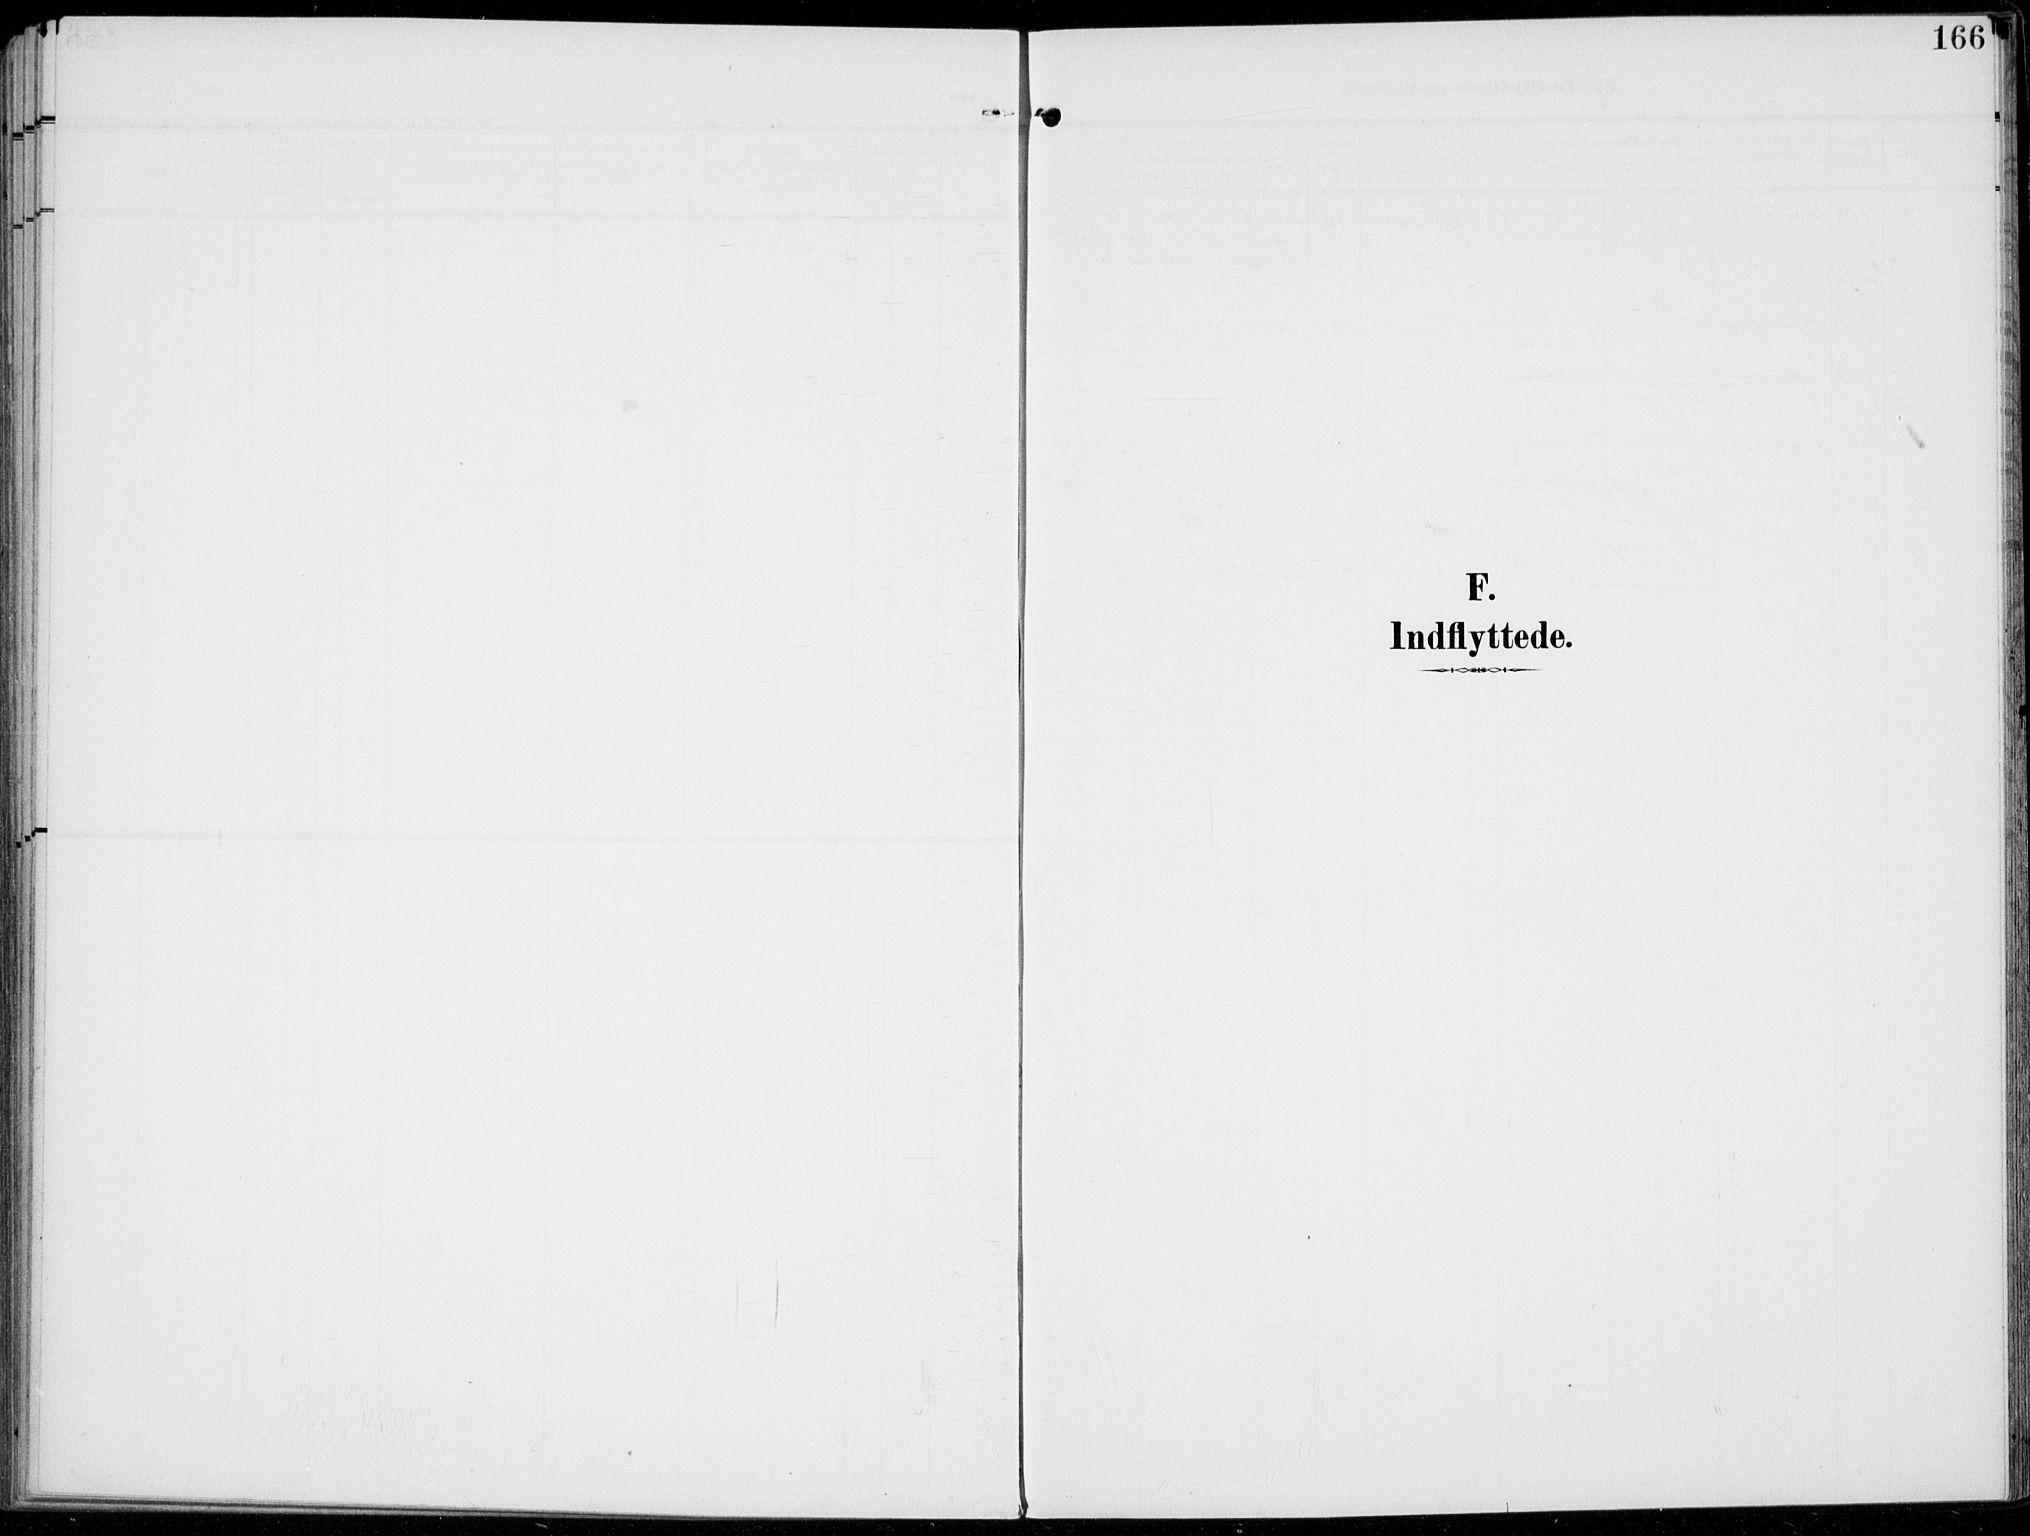 SAH, Kolbu prestekontor, Ministerialbok nr. 1, 1907-1923, s. 166